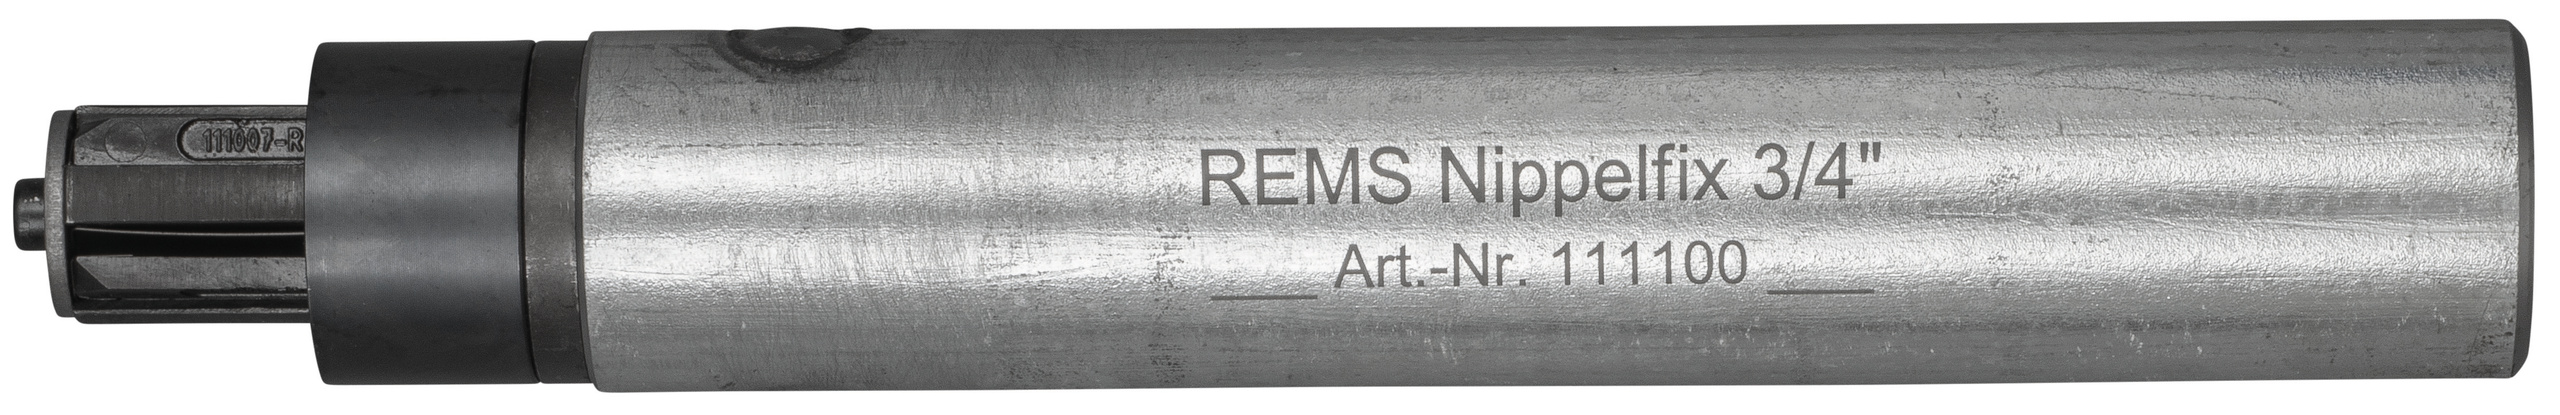 <br/>REMS Nippelfix 3/4''